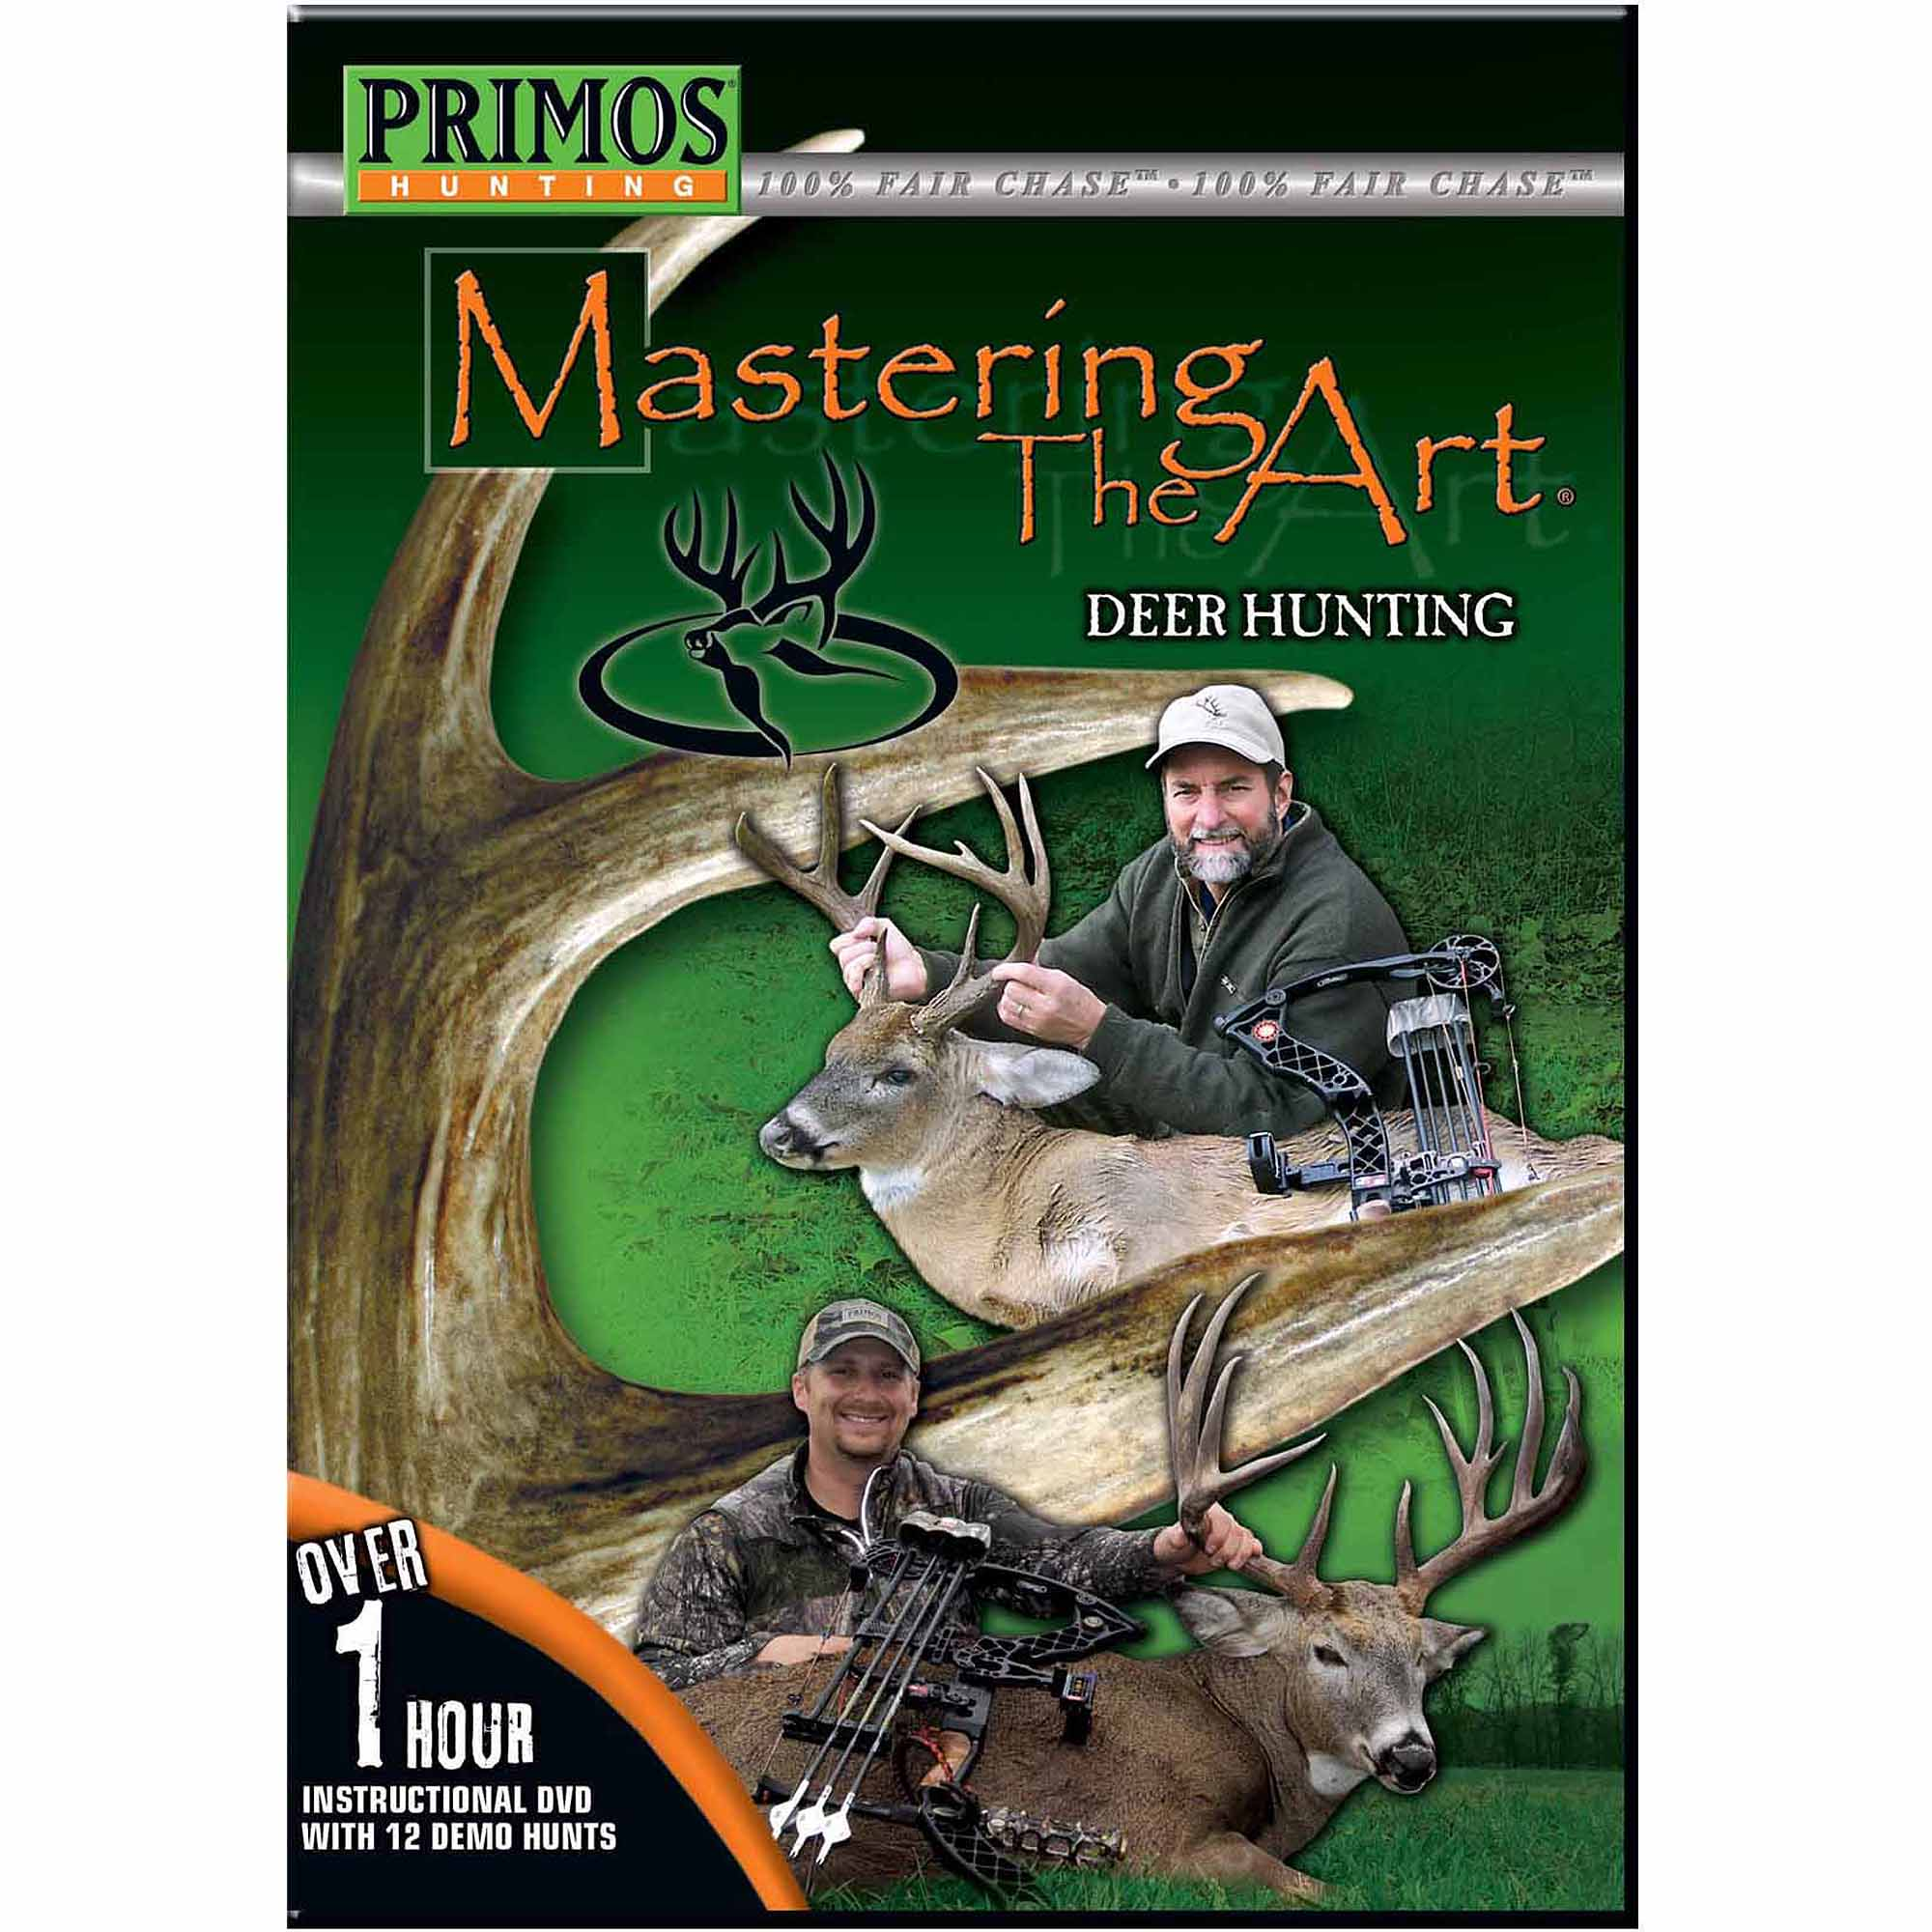 Primos Mastering the Art DVD, Deer